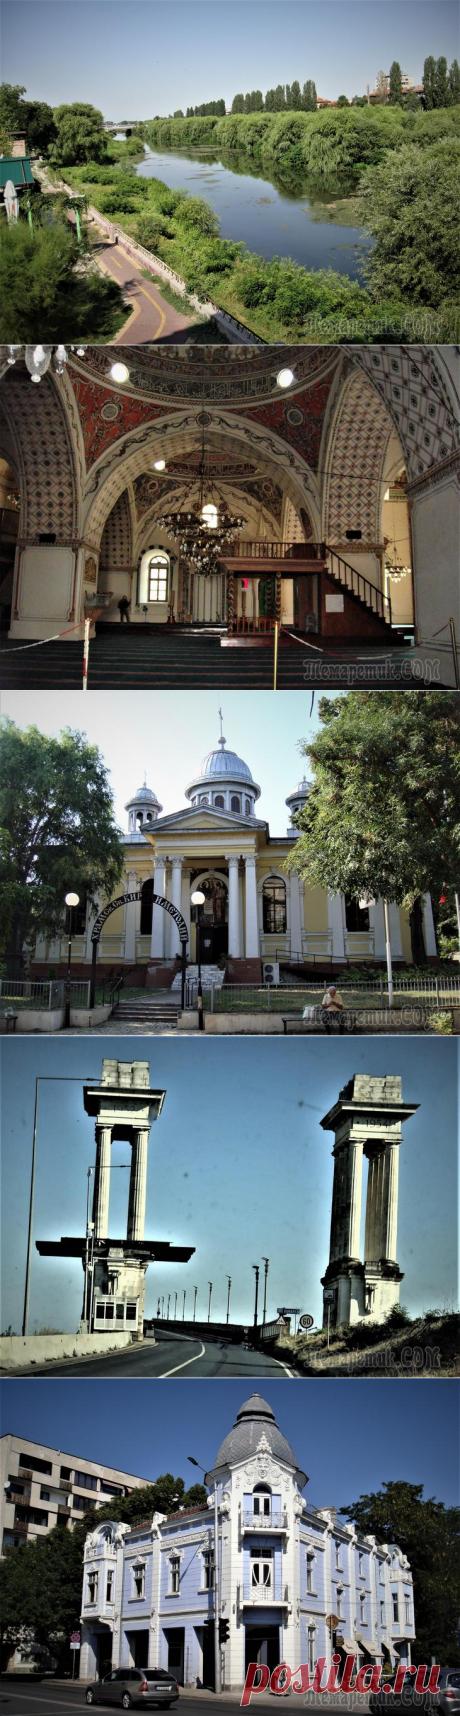 Путешествие и отдых в Болгарии. Часть 2. Пловдив - жемчужина Южной Болгарии. Квартал «Капана»